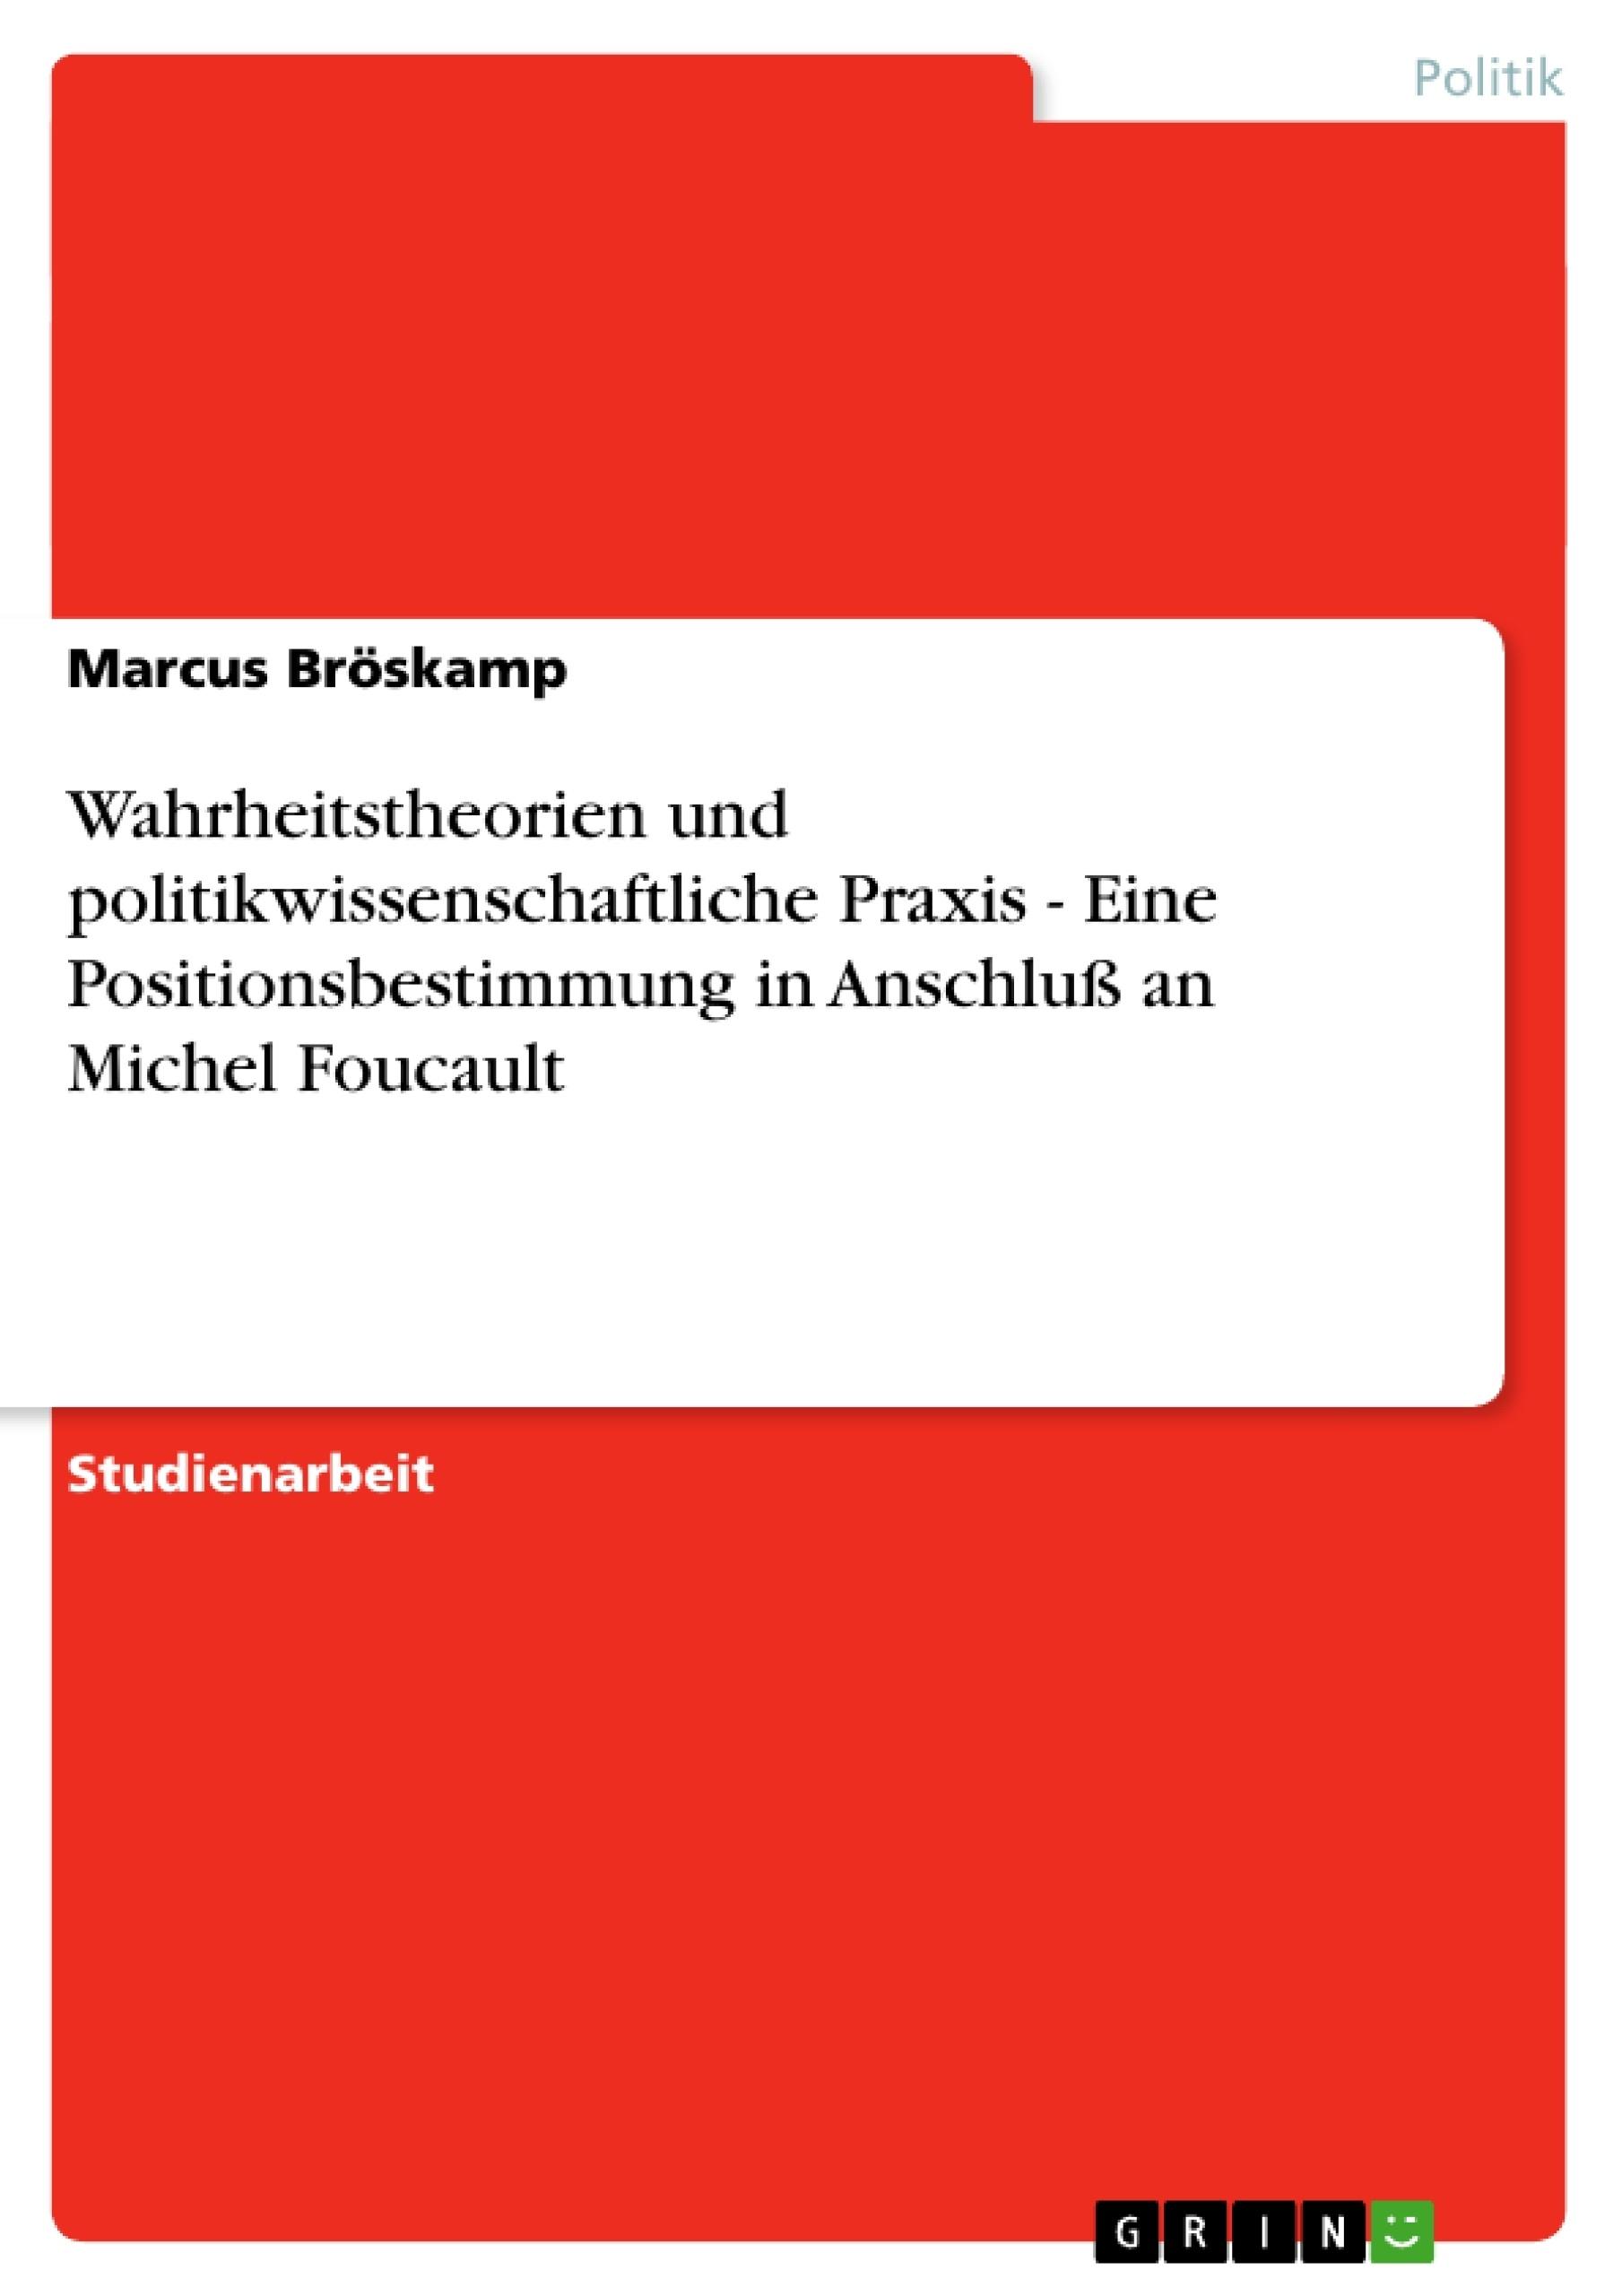 Titel: Wahrheitstheorien und politikwissenschaftliche Praxis - Eine Positionsbestimmung in Anschluß an Michel Foucault